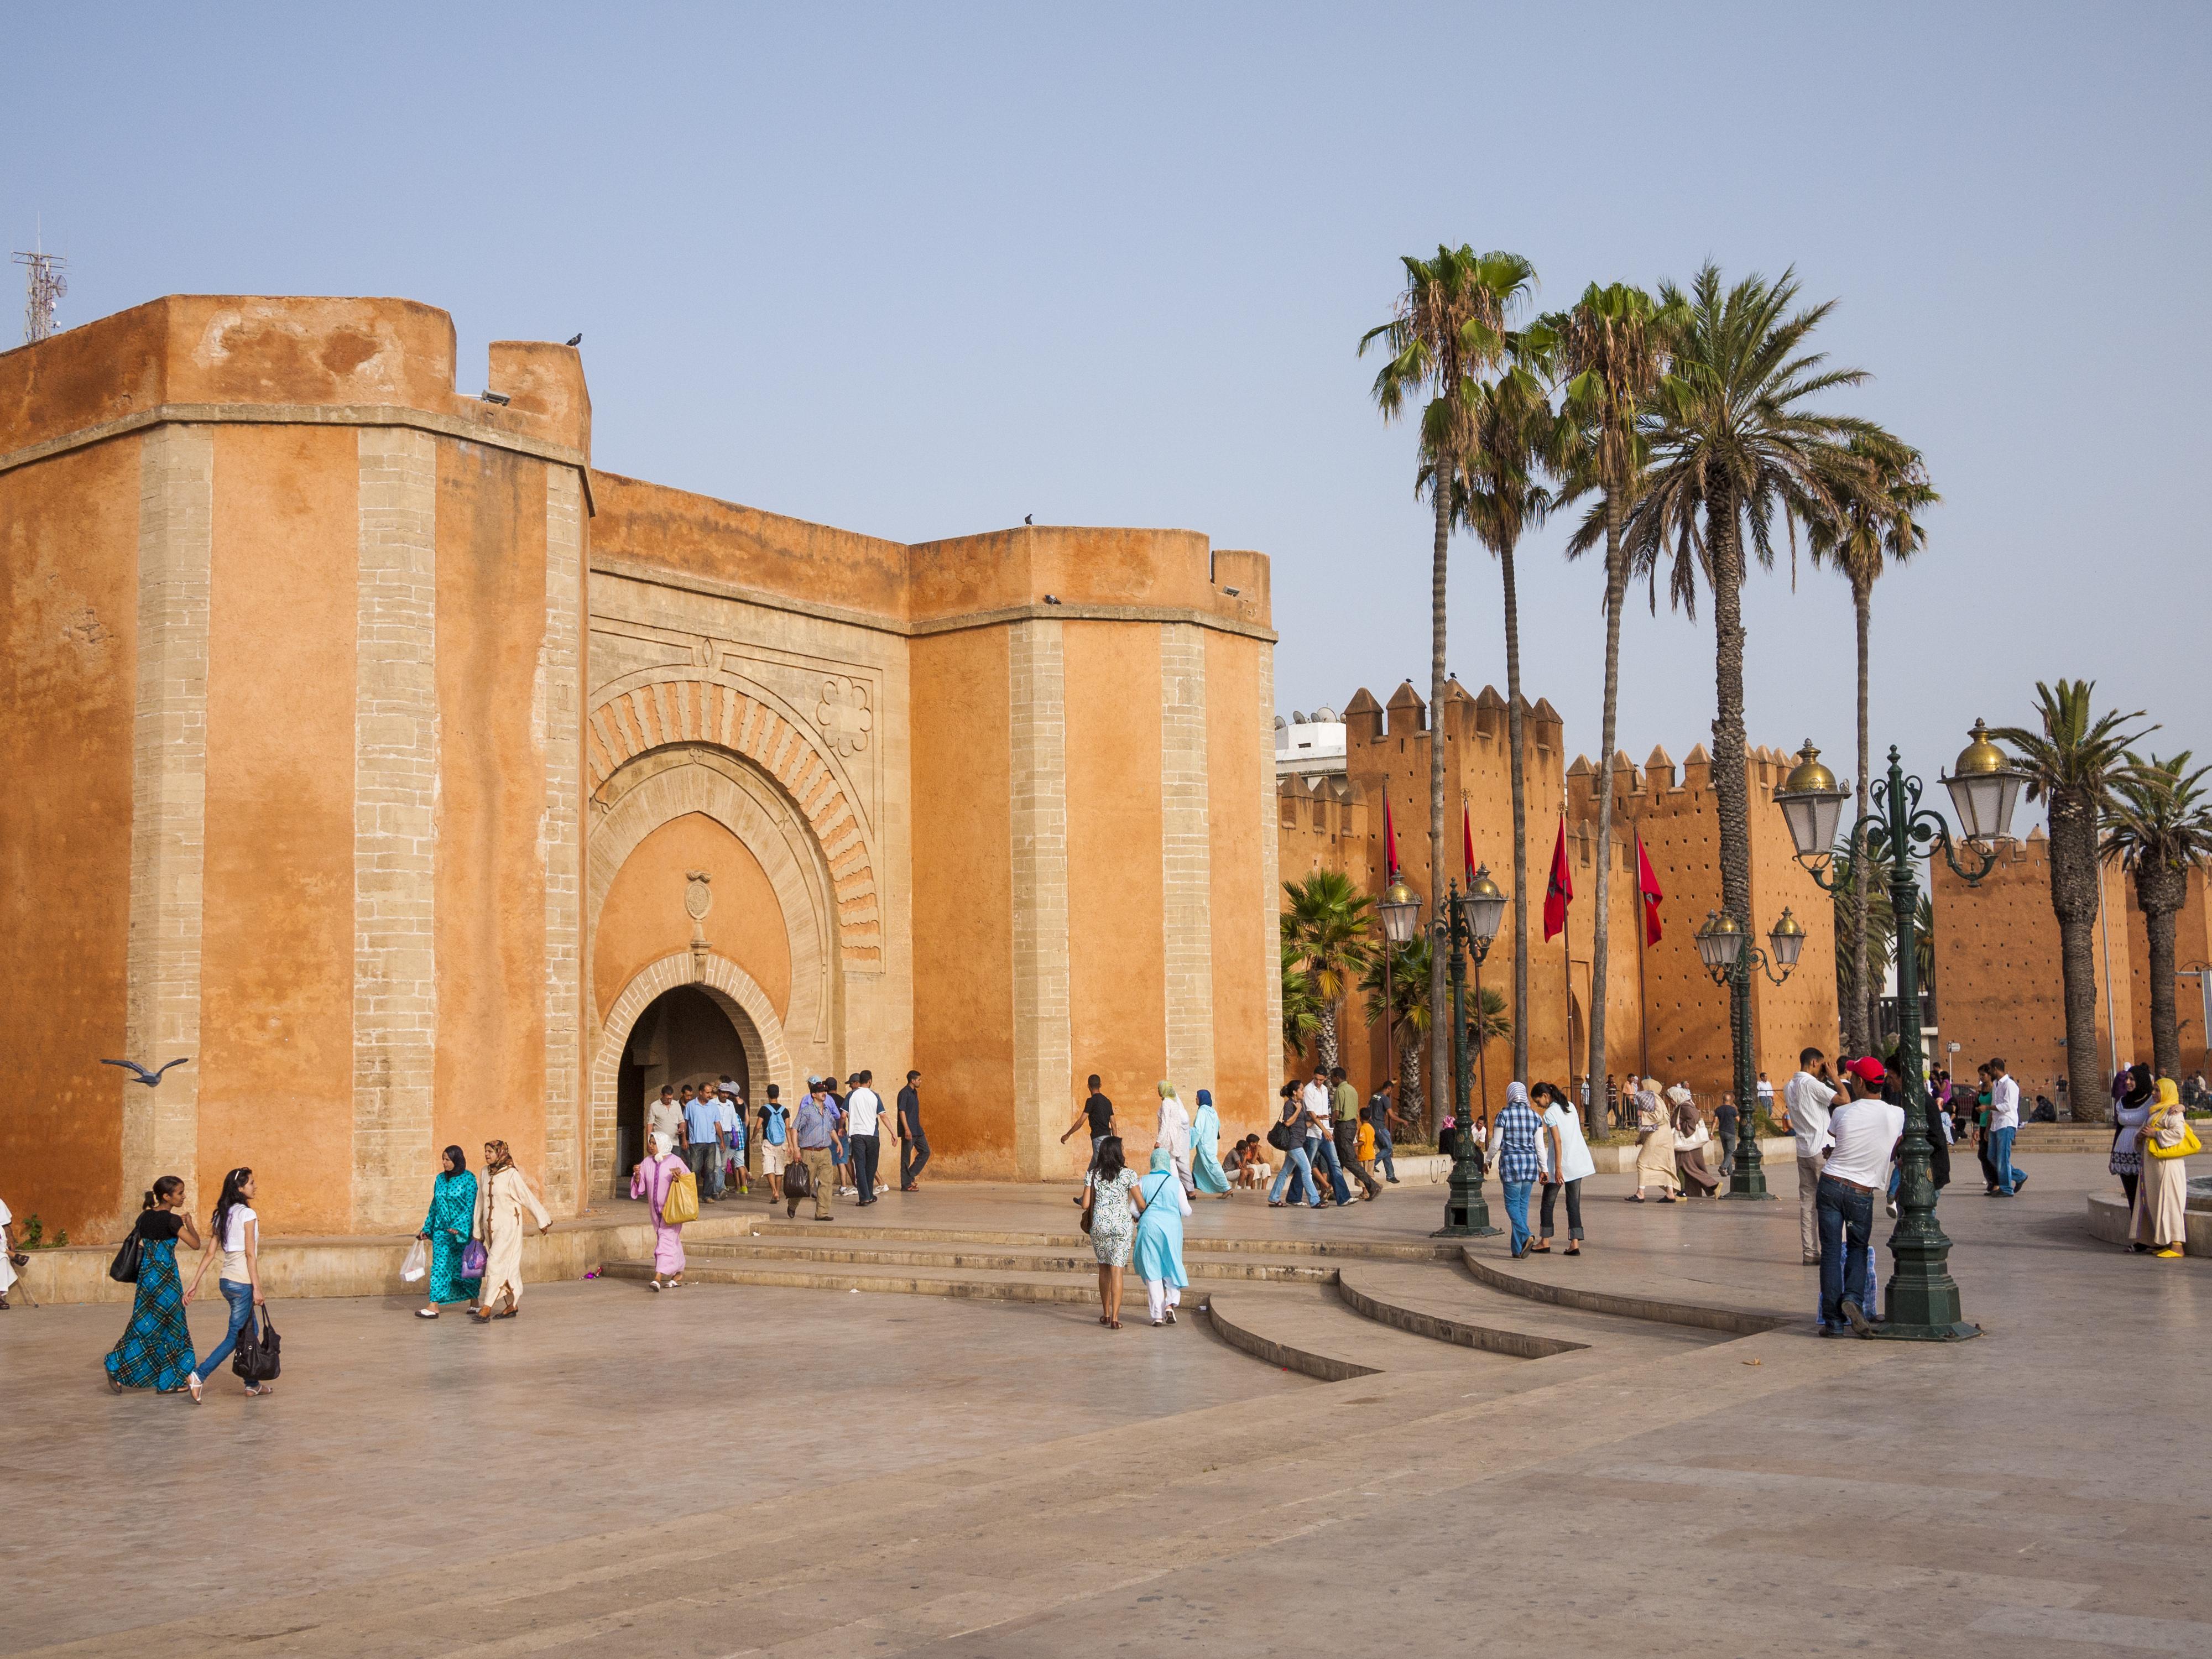 Un marocan, tată a 9 copii, a cerut divorţul, după ce a aflat că este steril